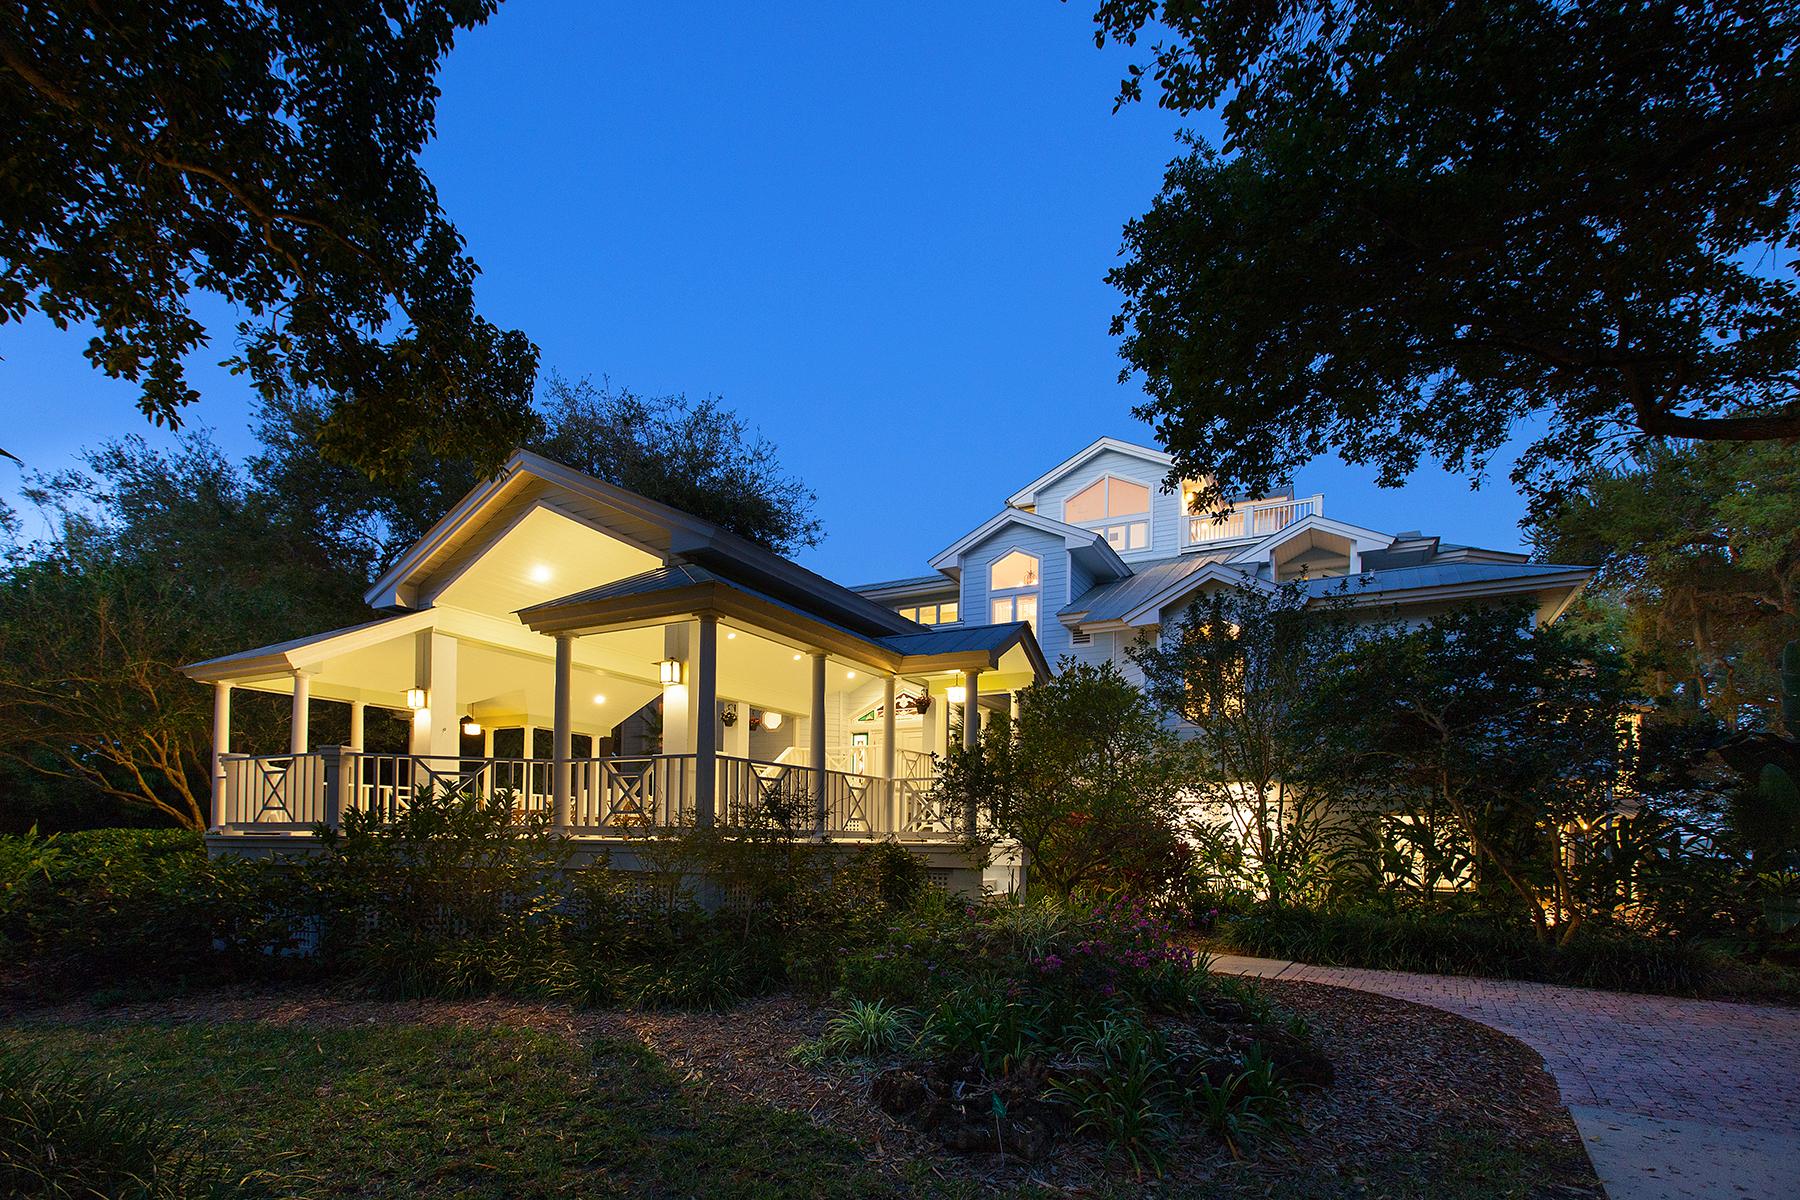 Частный односемейный дом для того Продажа на SIESTA KEY 8501 Midnight Pass Rd Sarasota, Флорида, 34242 Соединенные Штаты